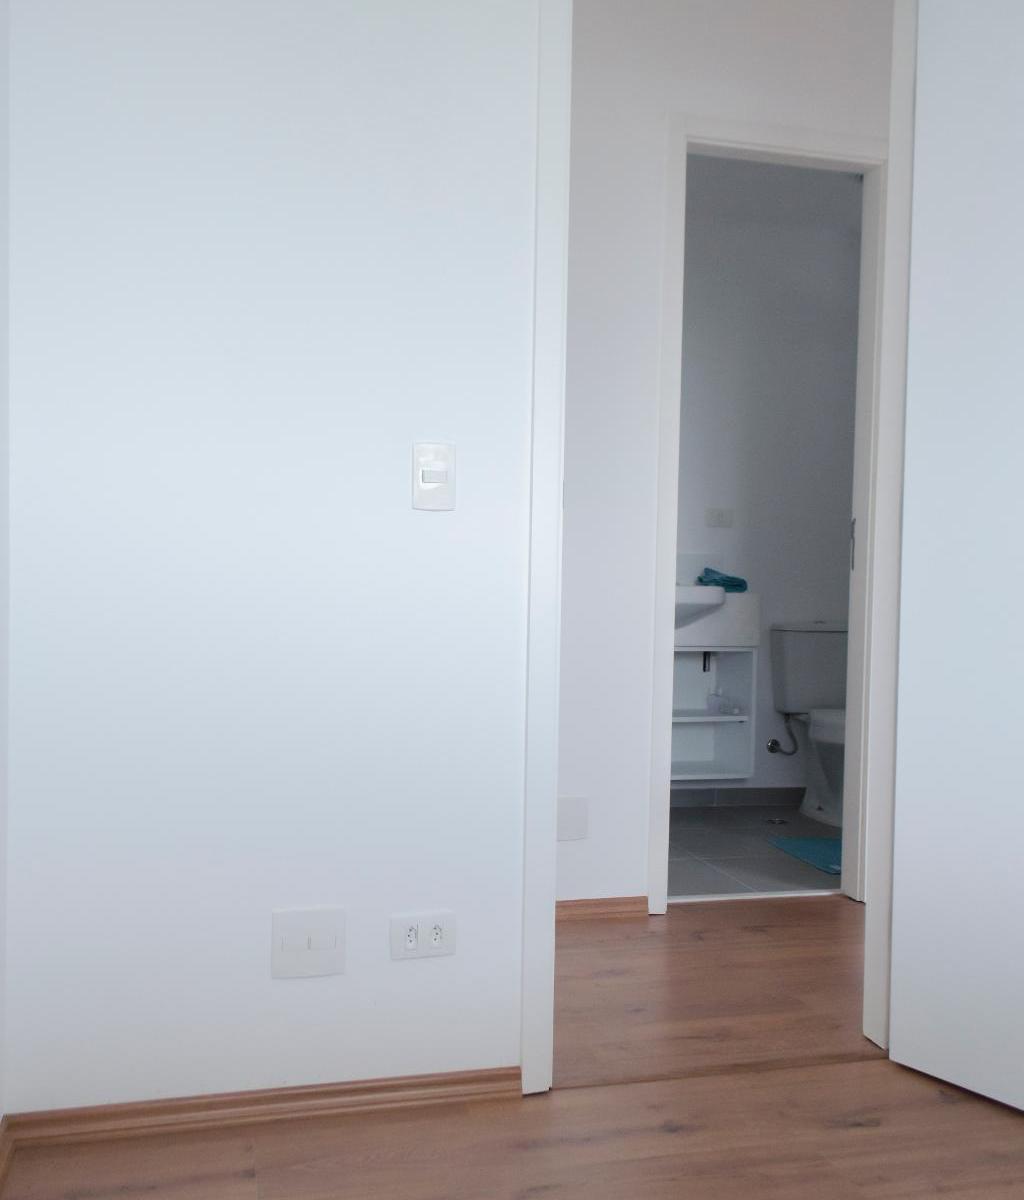 Apartamento para aluguel com 2 Quartos Panamby São Paulo R$ 2.000  #6A4D42 1024 1200